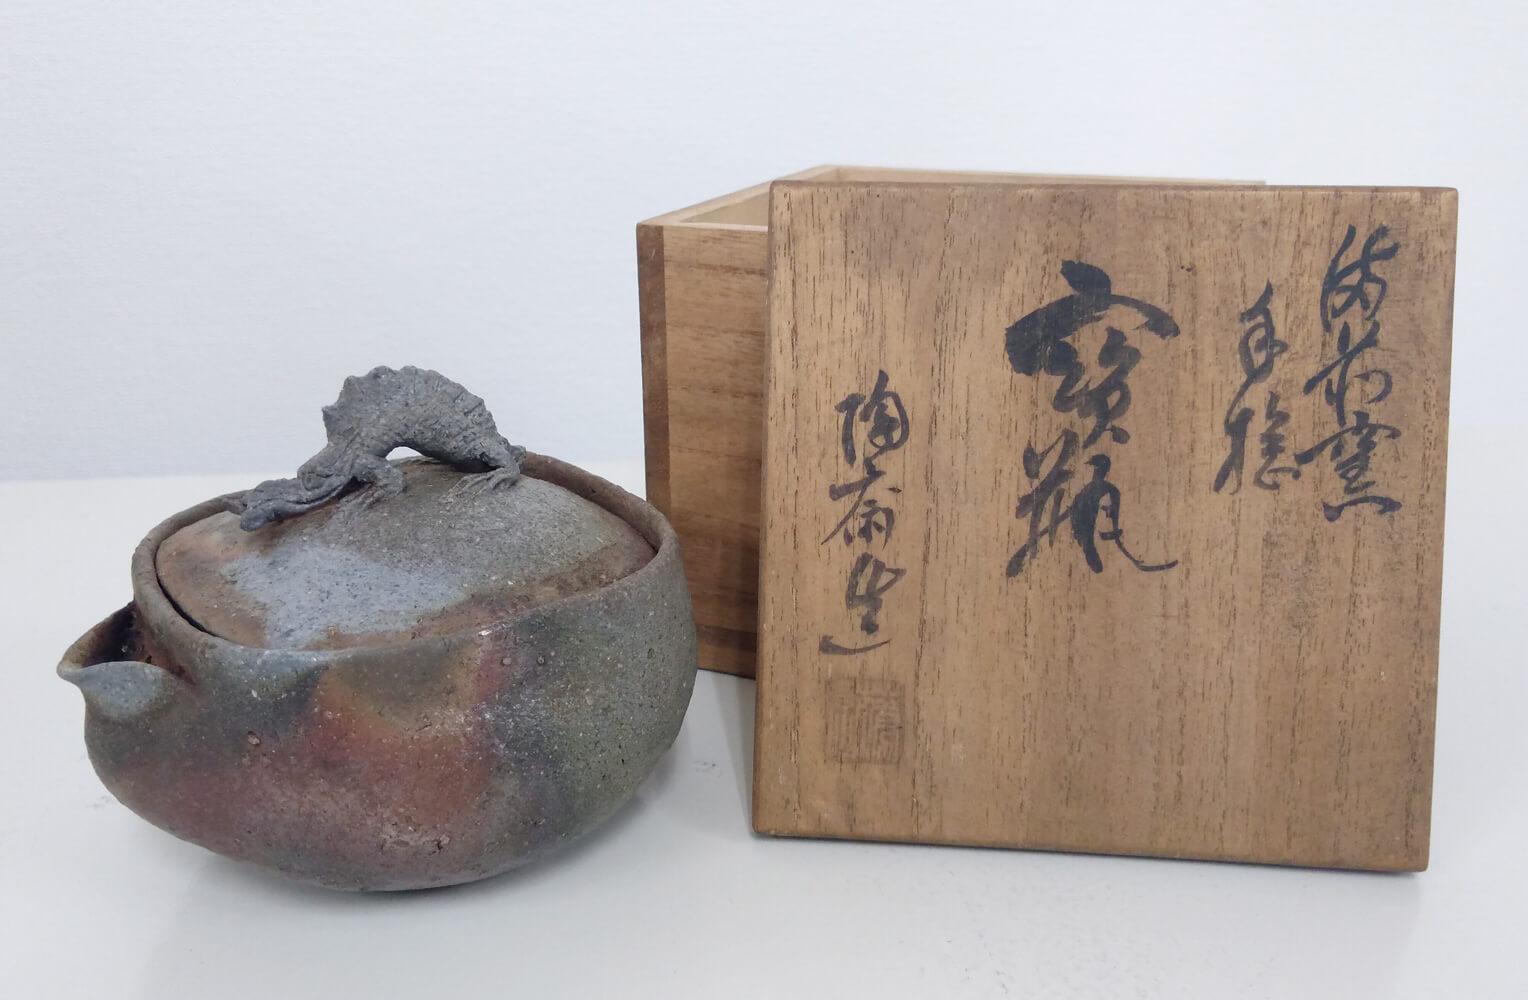 藤原陶斎 備前窯(備前焼)手捻 宝瓶 商品画像